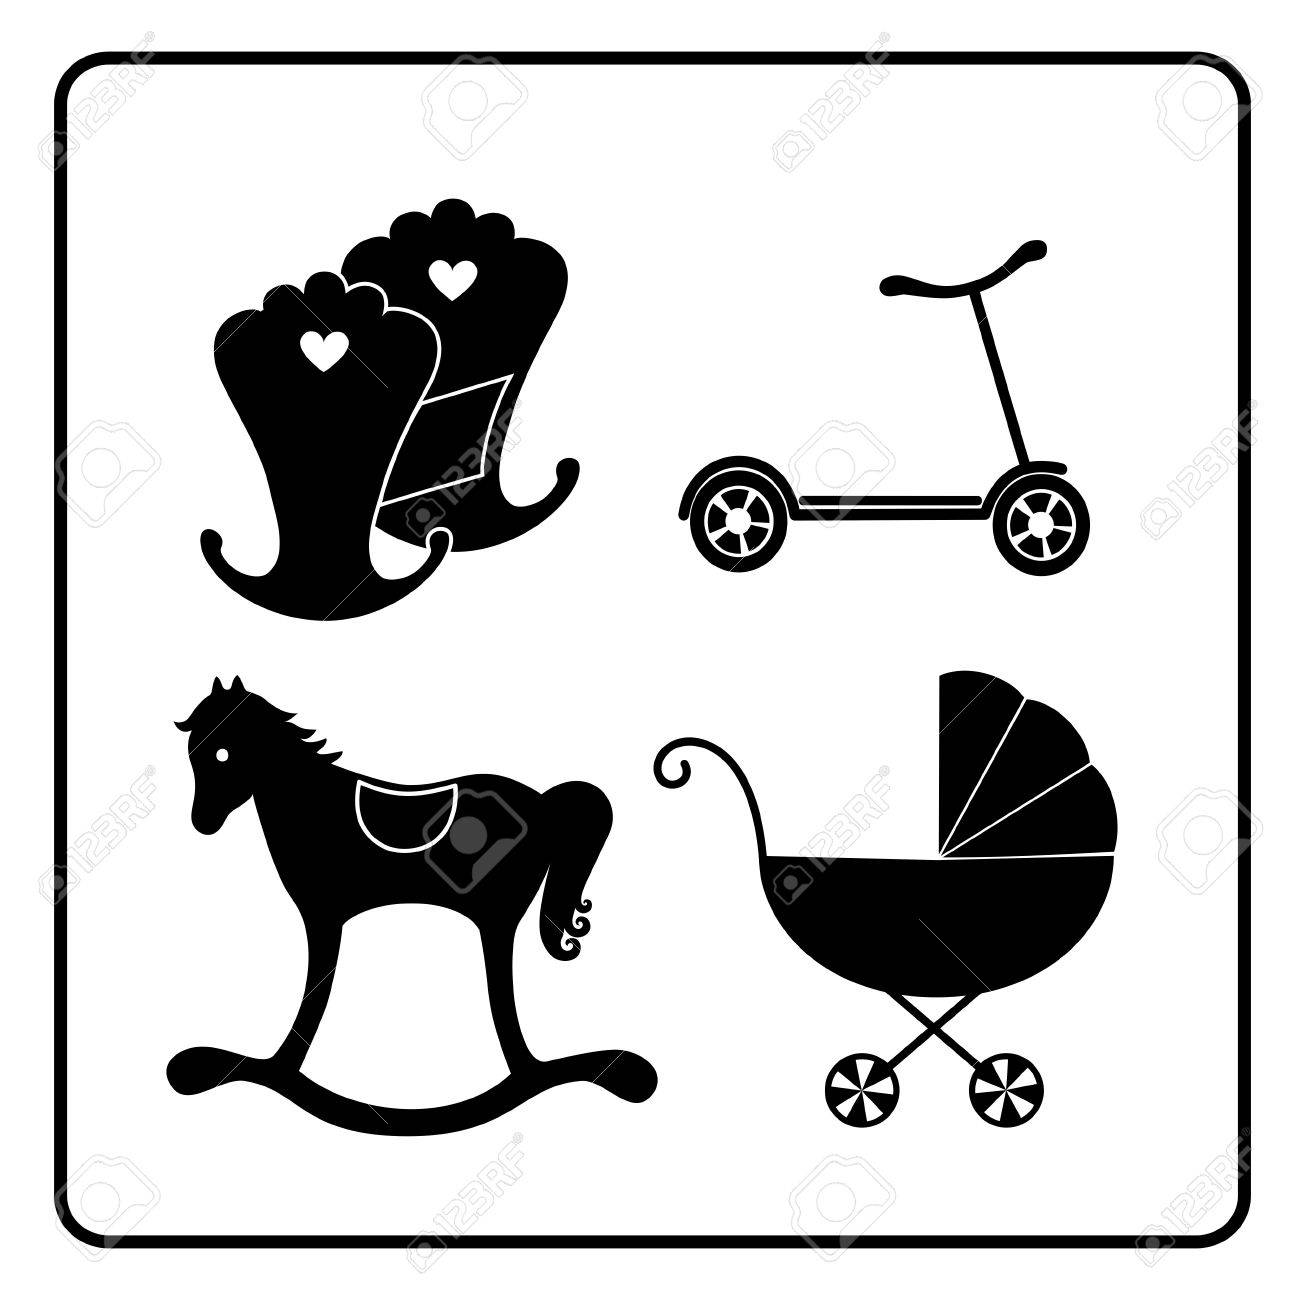 Illustrationen Für Kinder Motive Lizenzfrei Nutzbare Vektorgrafiken